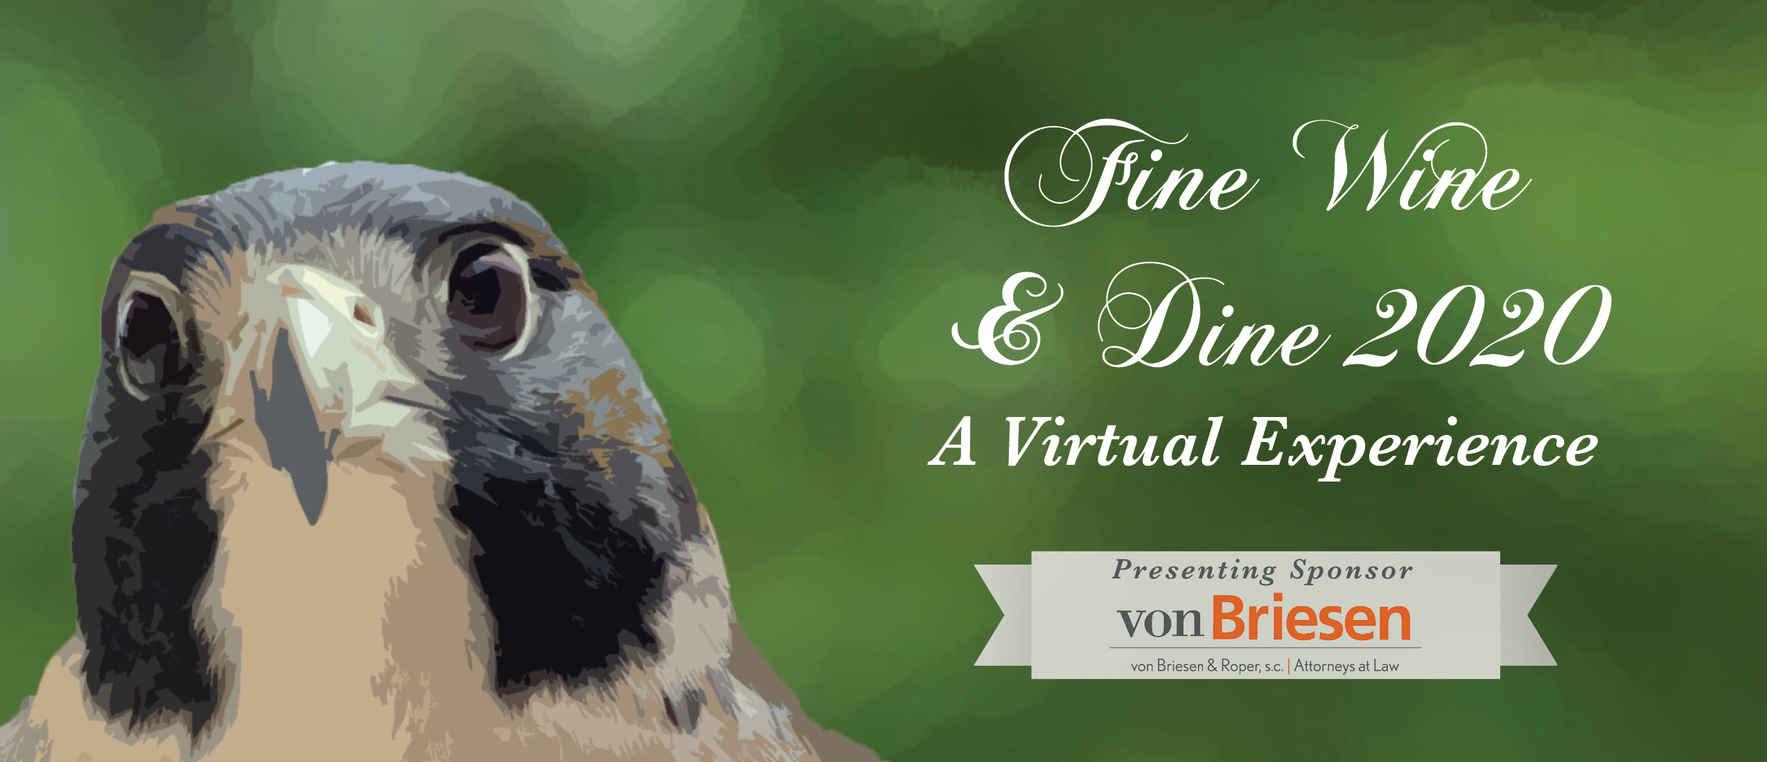 Fine Wine & Dine 2020 image